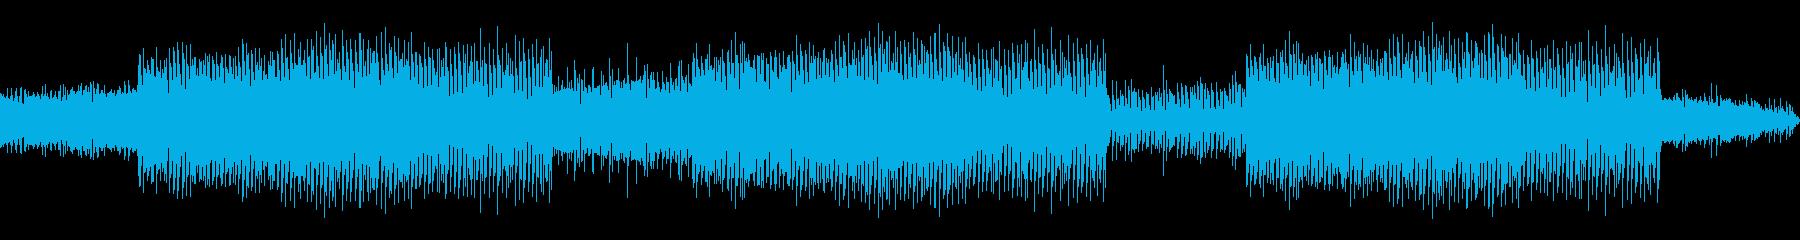 プログレッシブハウス。ポップな背景...の再生済みの波形